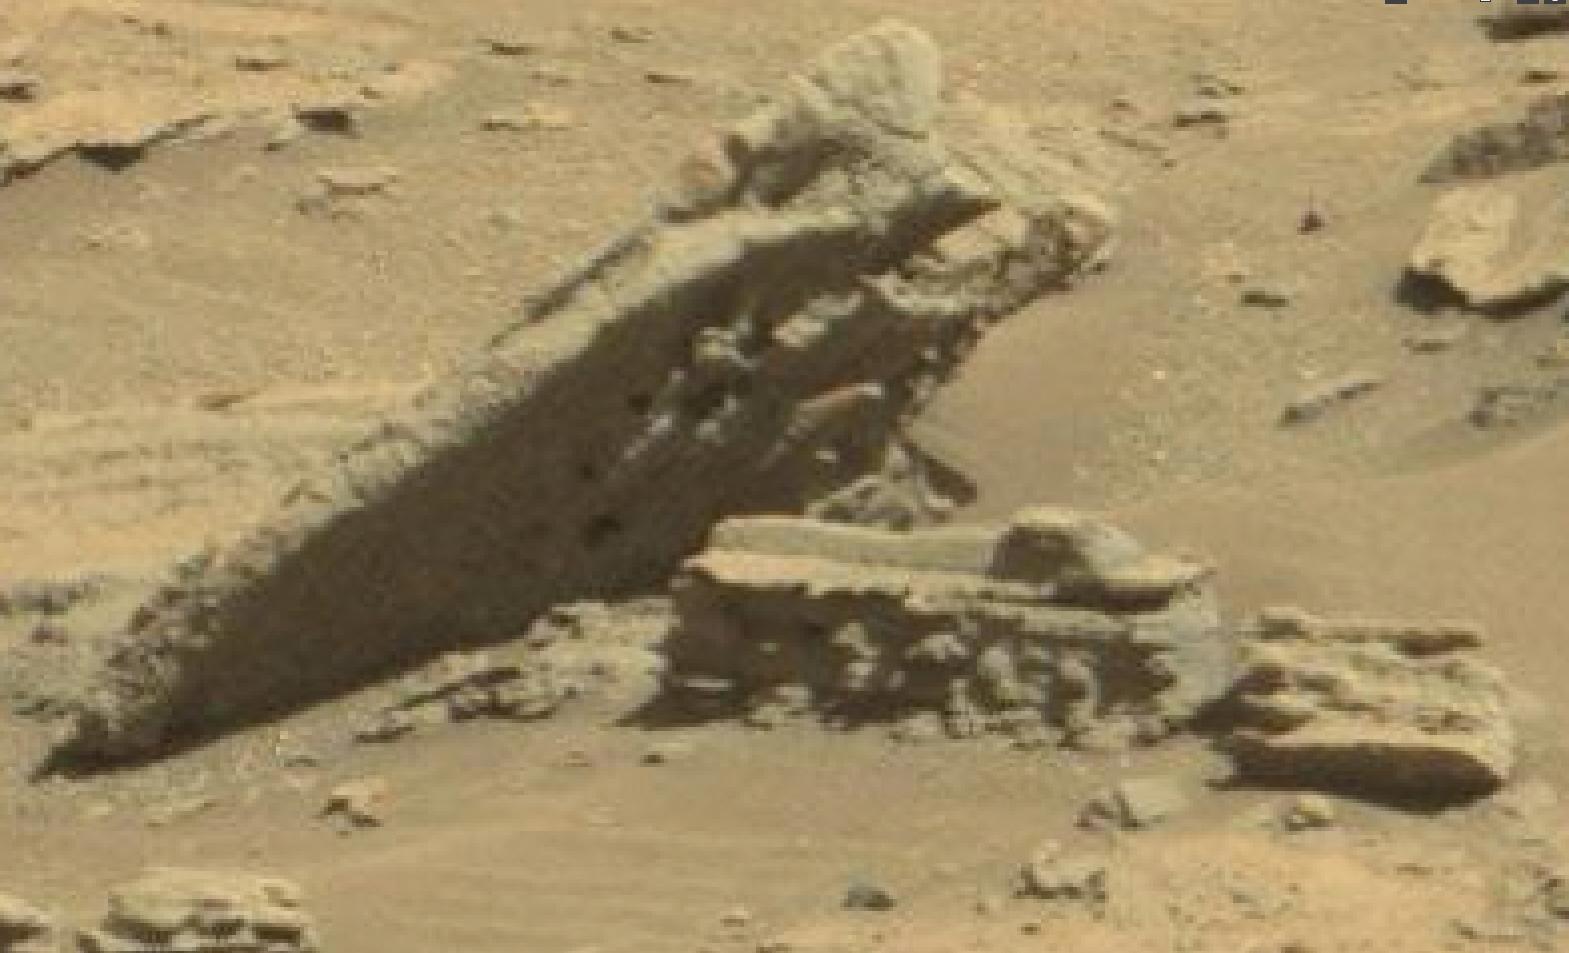 Mars Sol 1277 Curiosity – MR_Image_Group | Was Life On Mars?